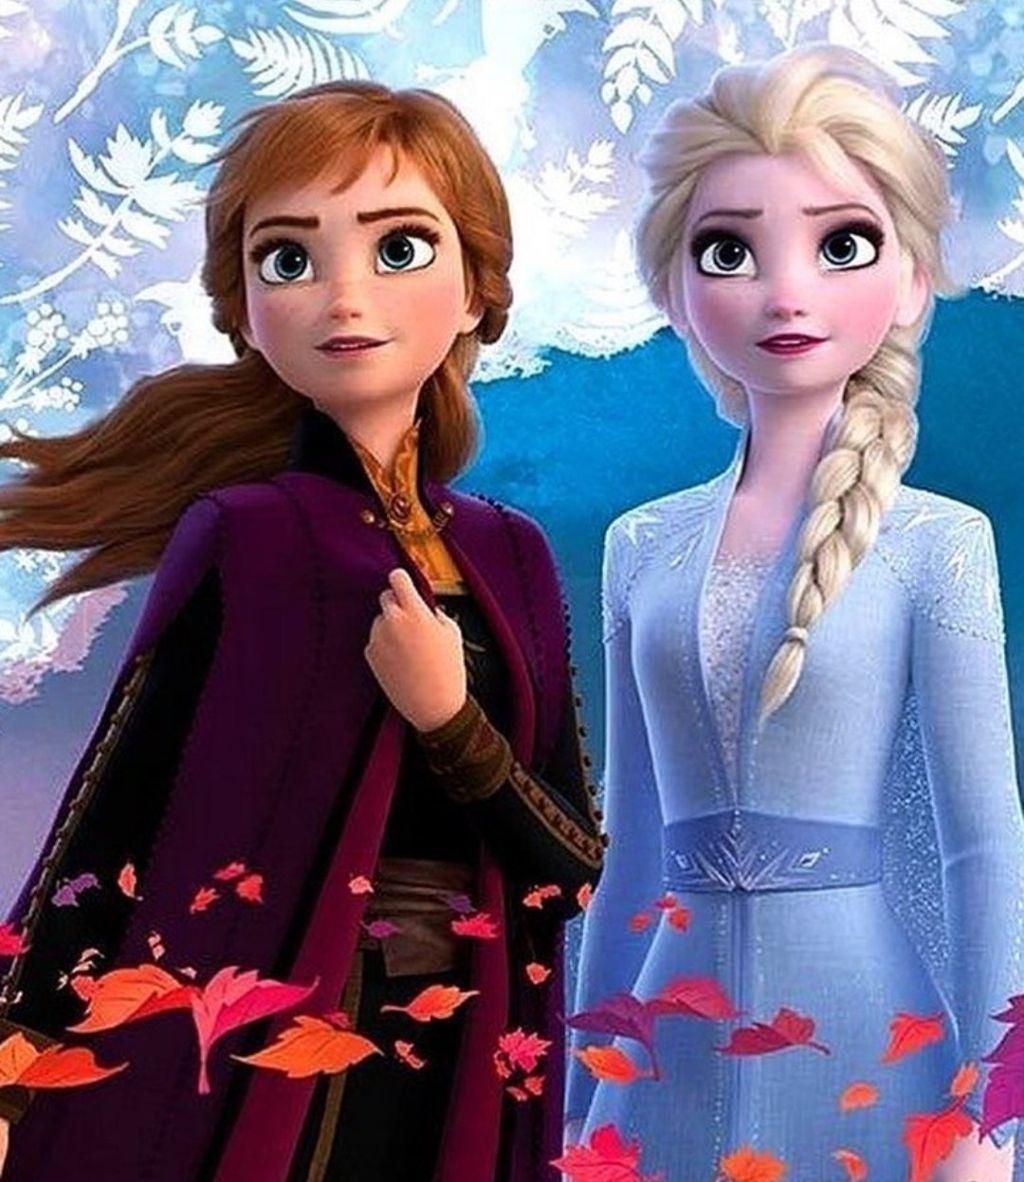 Frozen 2 Wallpapers , Top Free Frozen 2 Backgrounds